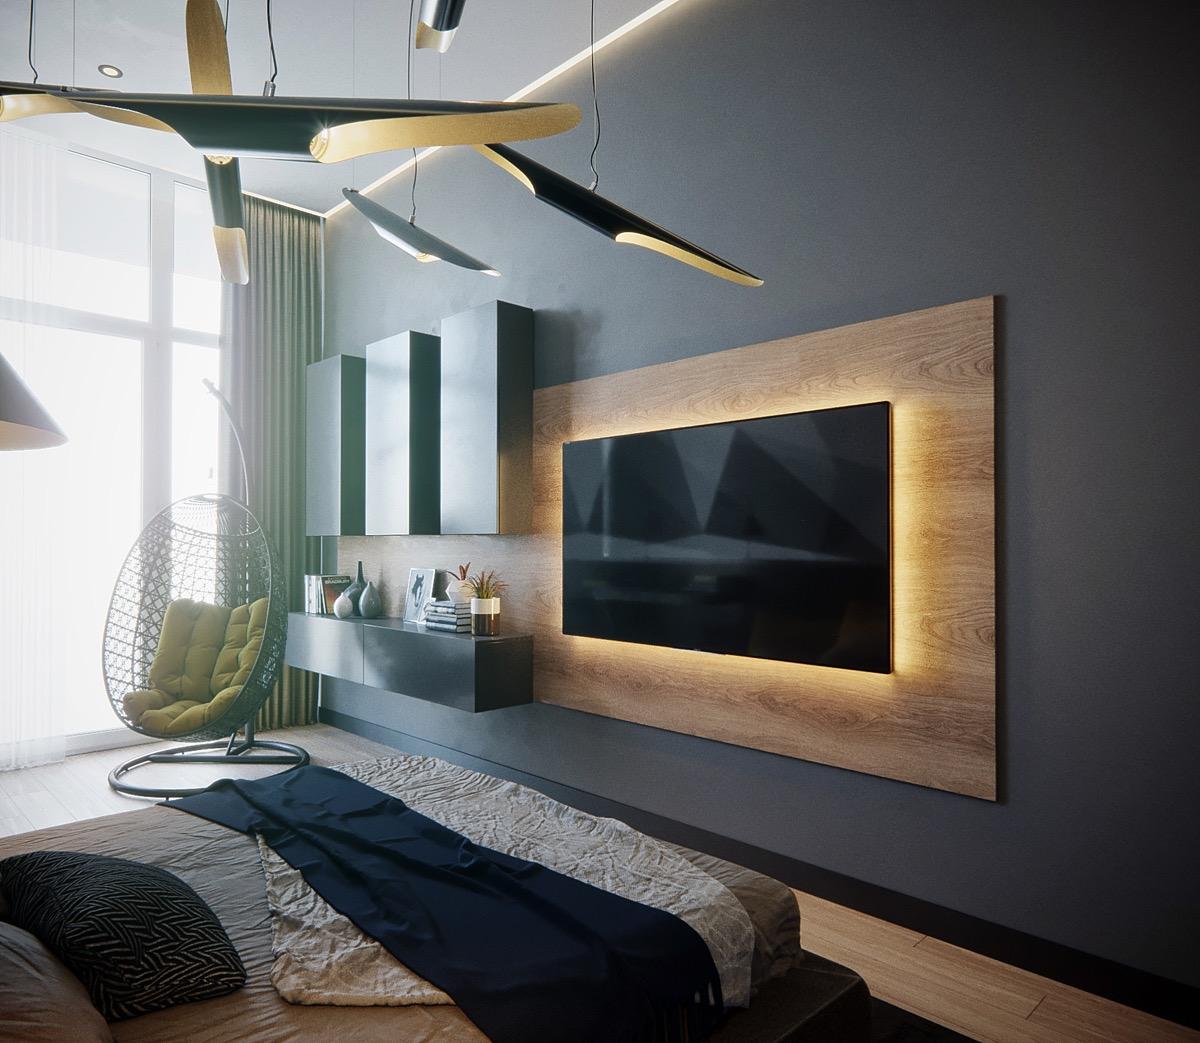 Thiết kế nội thất chung cư, kinh nghiệm có thể bạn chưa biết?